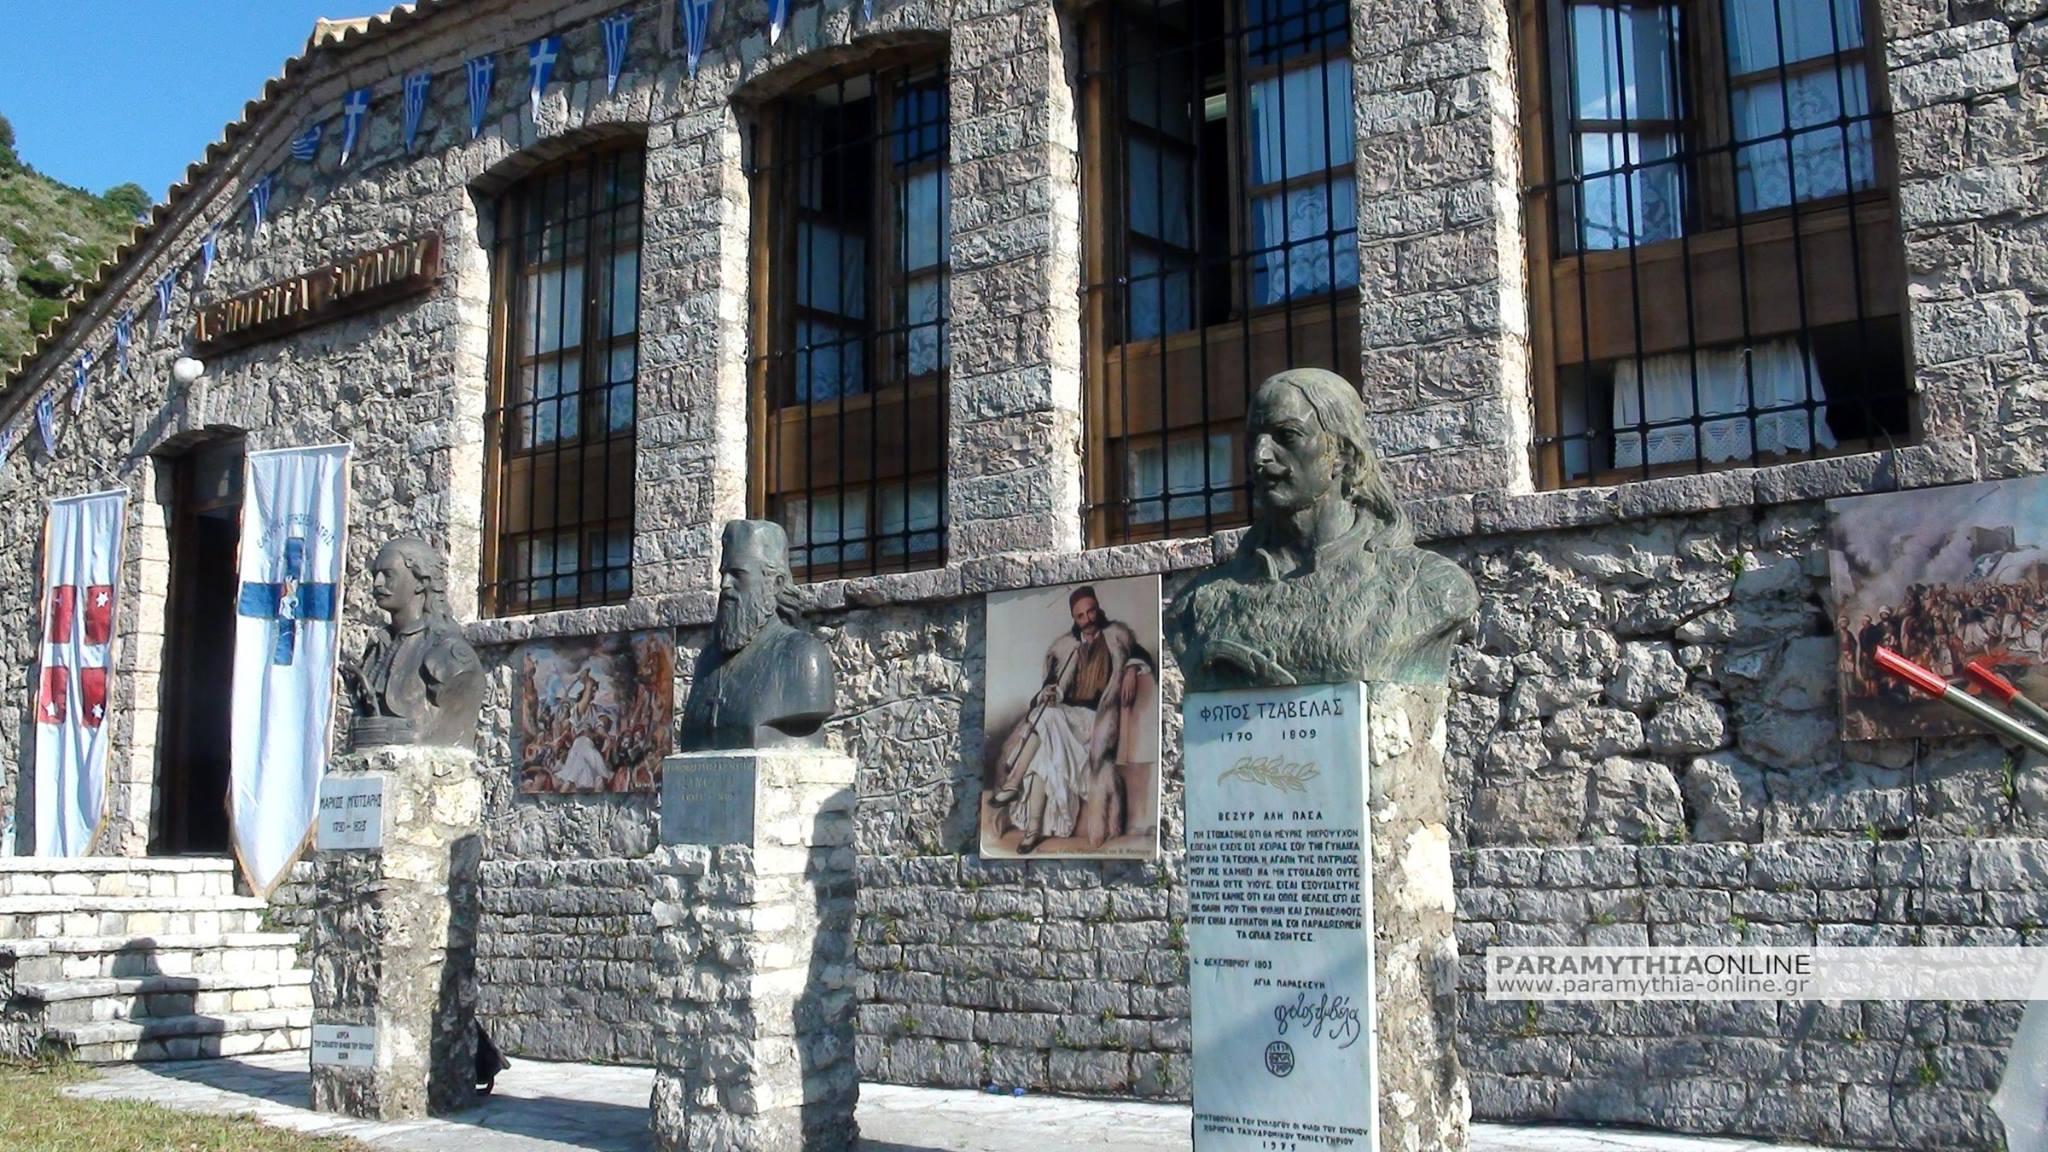 Θεσπρωτία: Εγκρίθηκε απο την Ο.Ε της περιφέρειας η αποκατάσταση της οικίας Μπούση στον Ιστορικό χώρο Σουλίου